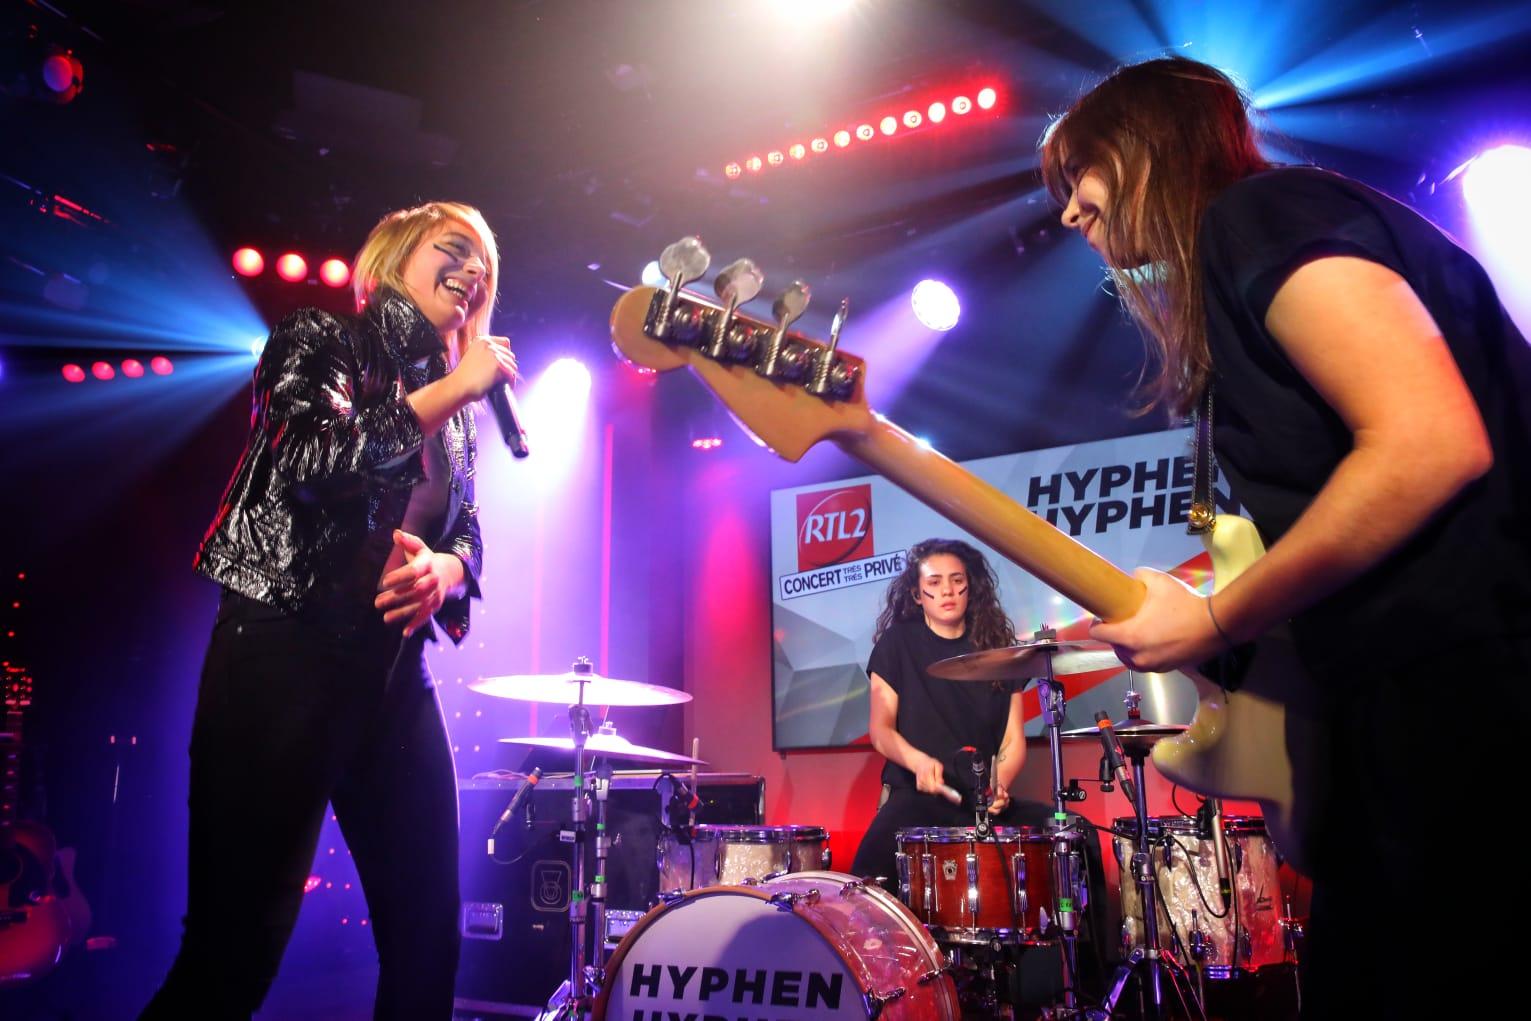 Hyphen Hyphen en Concert Très Très Privé dans le Grand Studio RTL2